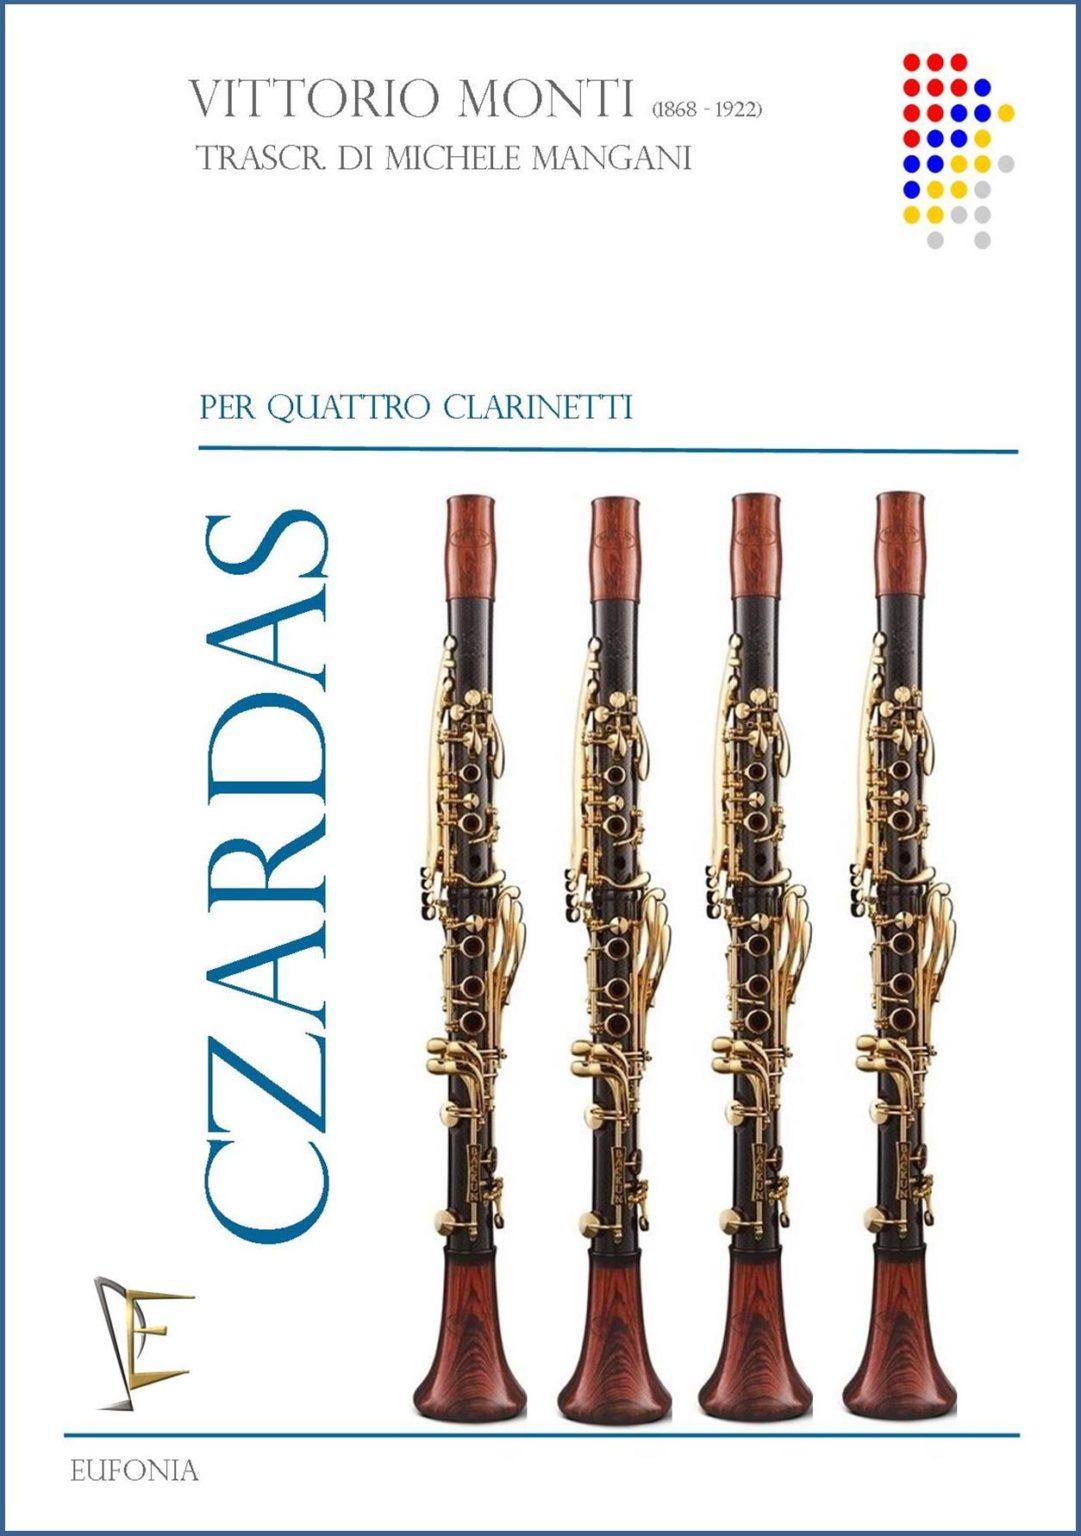 Czardaspara clarinete y piano. Vittorio Monti